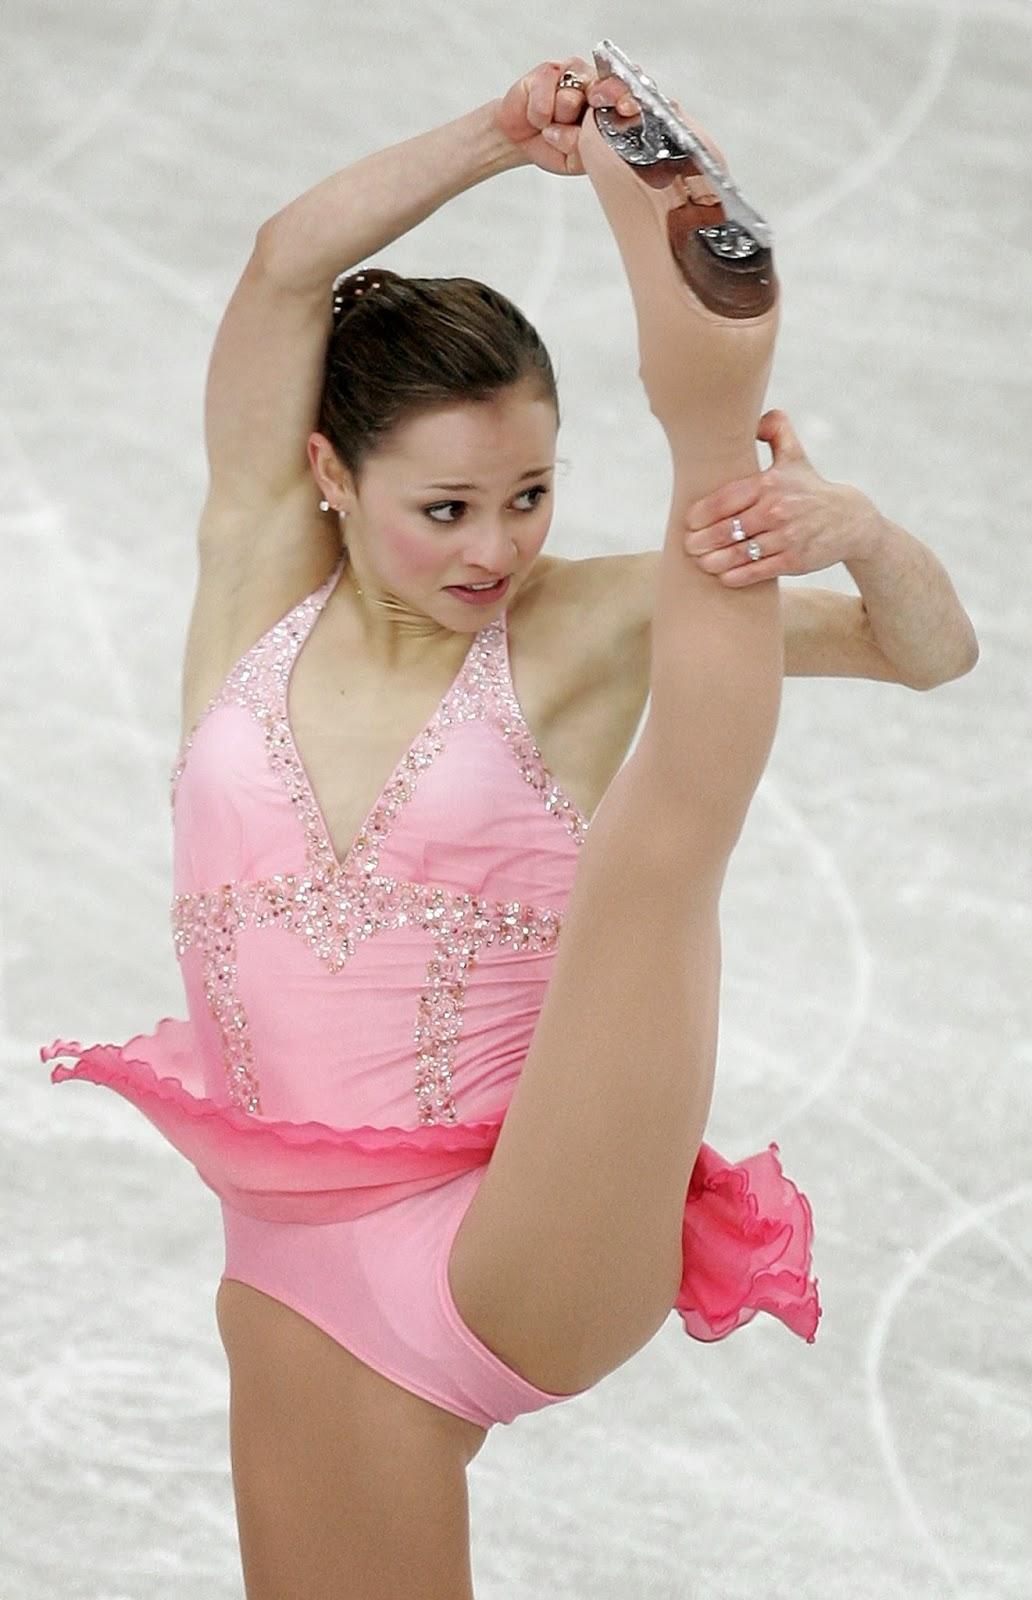 Naked Ice Skaters  Hot Girl Hd Wallpaper-2331